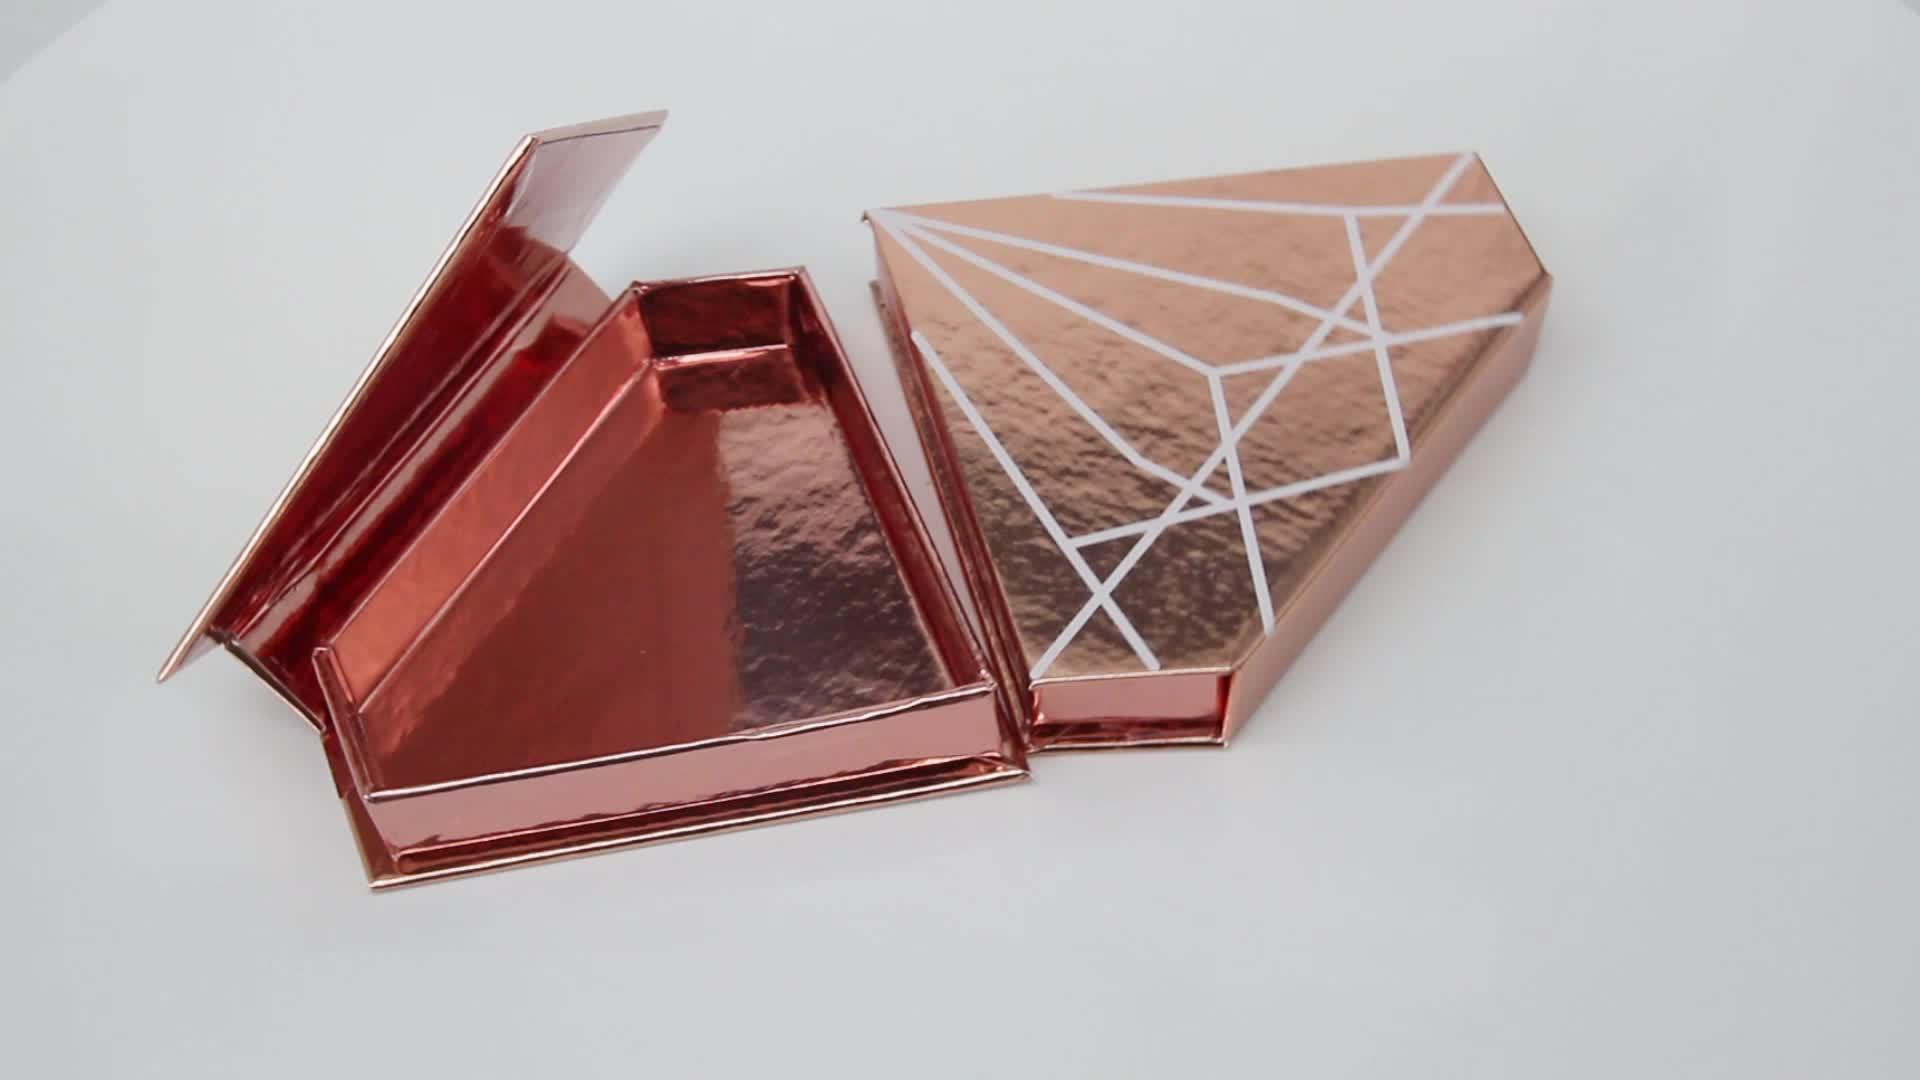 Del commercio all'ingrosso di personalizzazione di lusso fatto a mano 25 millimetri ciglia golden diamond scatola di imballaggio